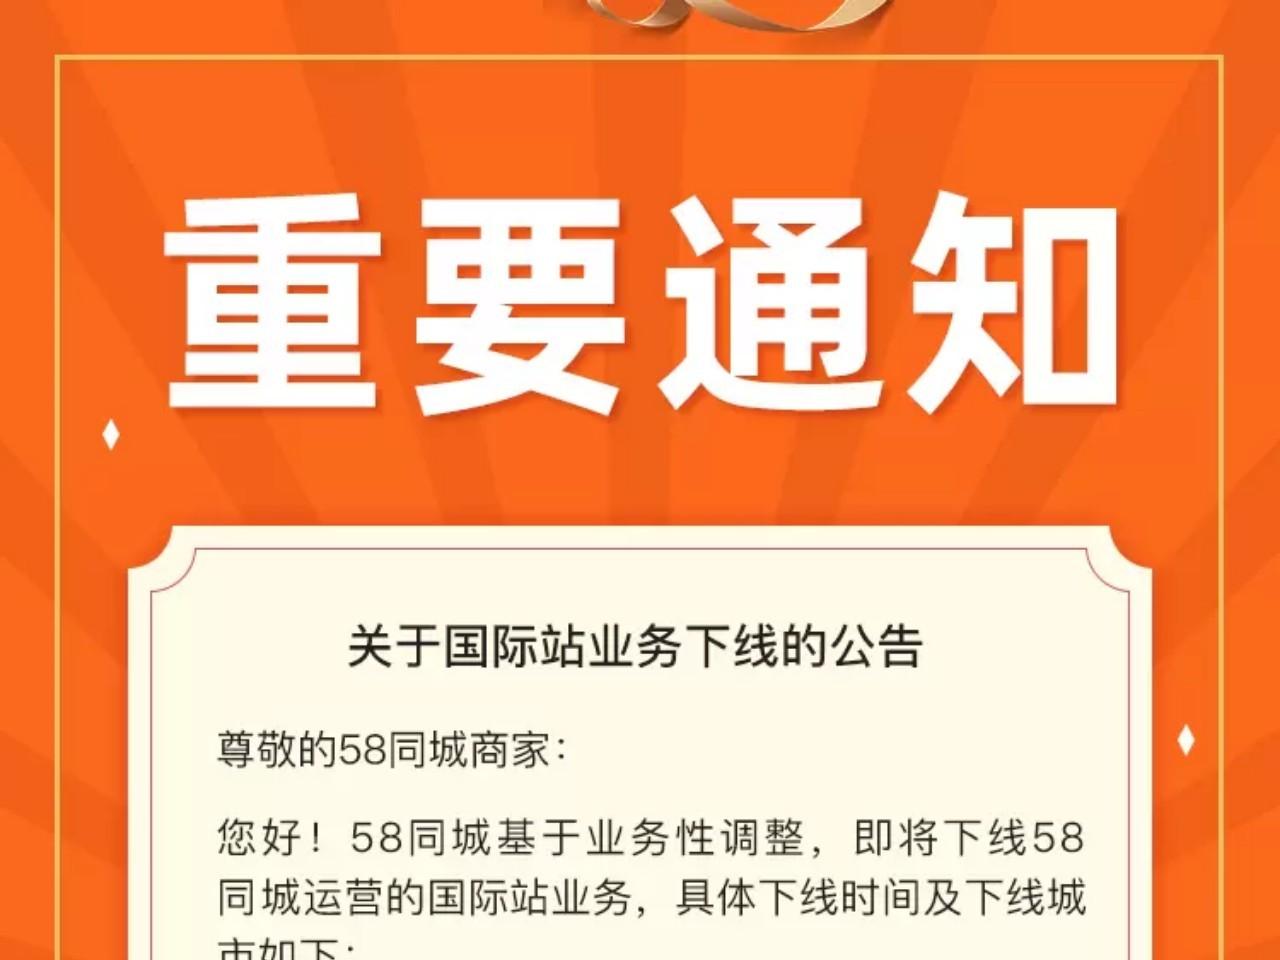 中国香港整租房价格信息 房价租金 中国香港房产网-中国香港58同城租房网